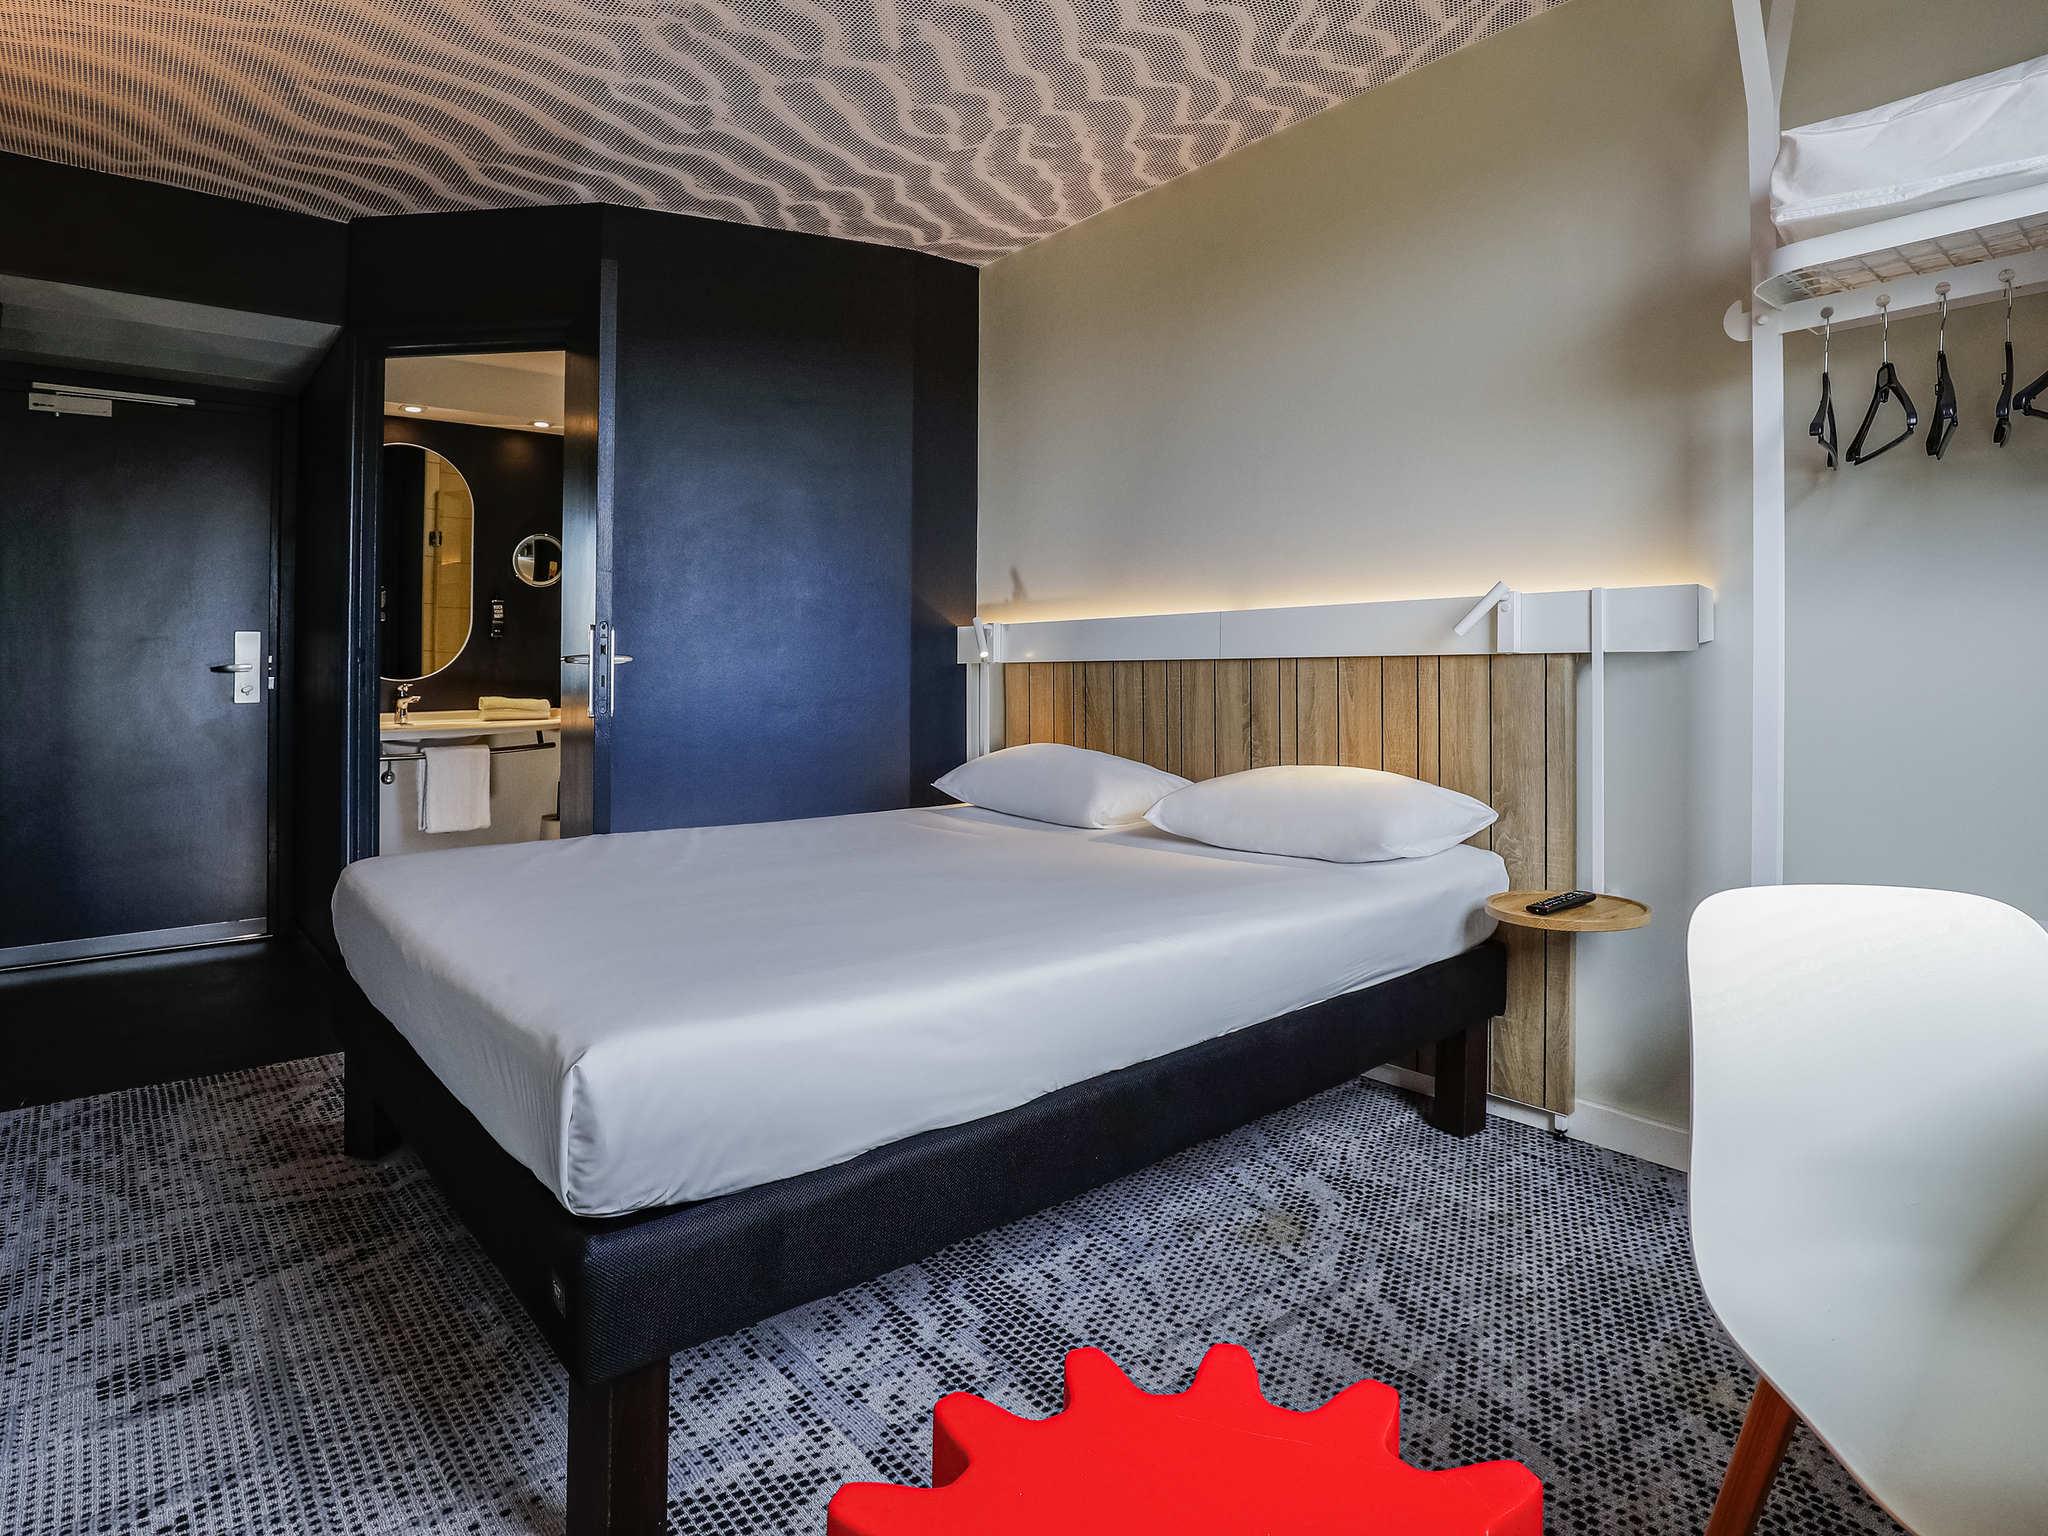 酒店 – 宜必思卢森堡机场酒店